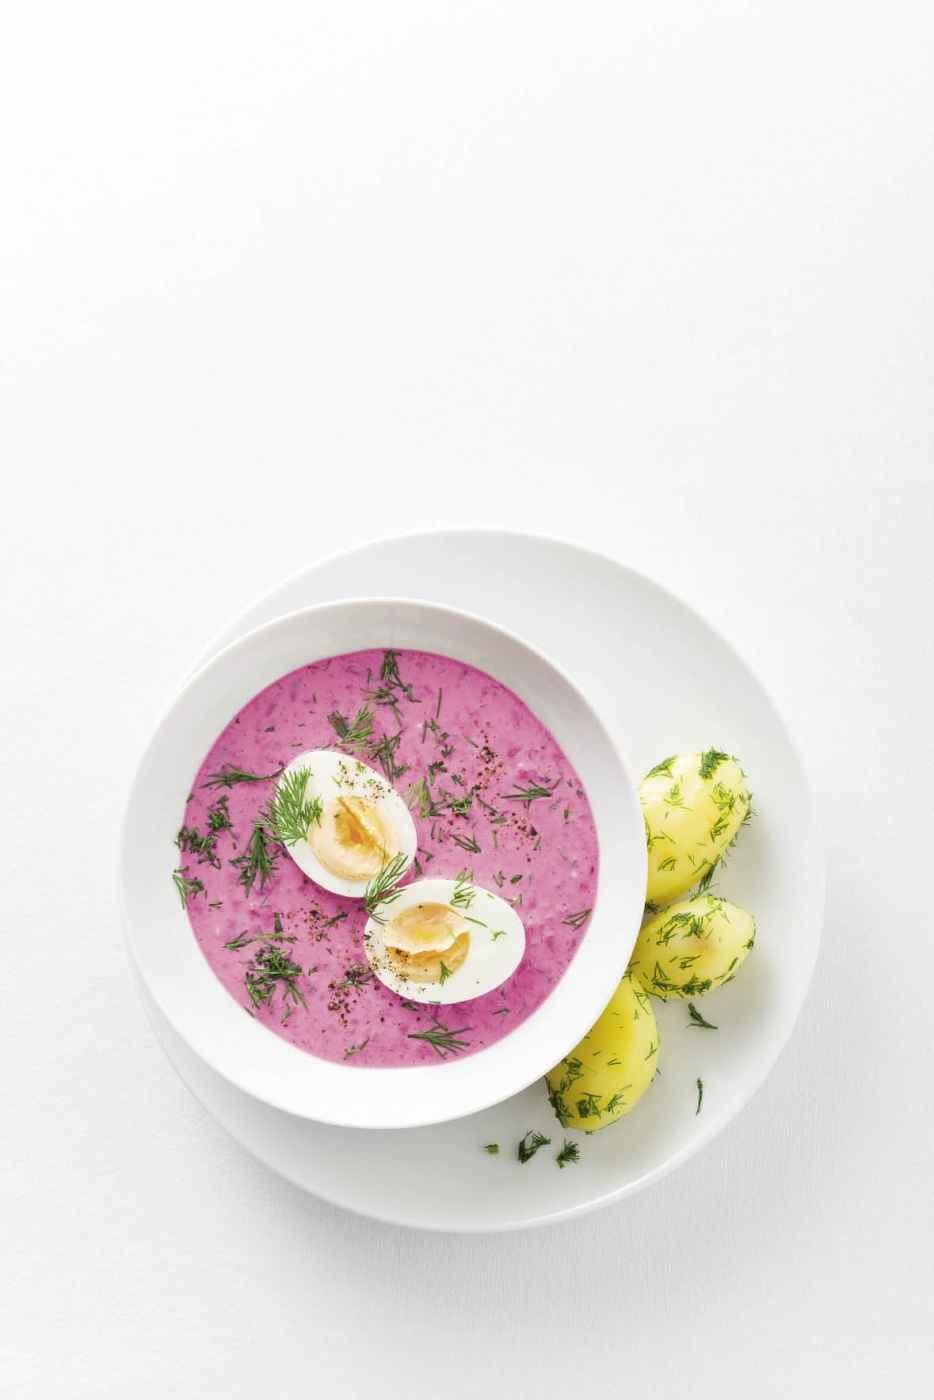 Šaltibarščiai – kühle Rote-Bete-Suppe